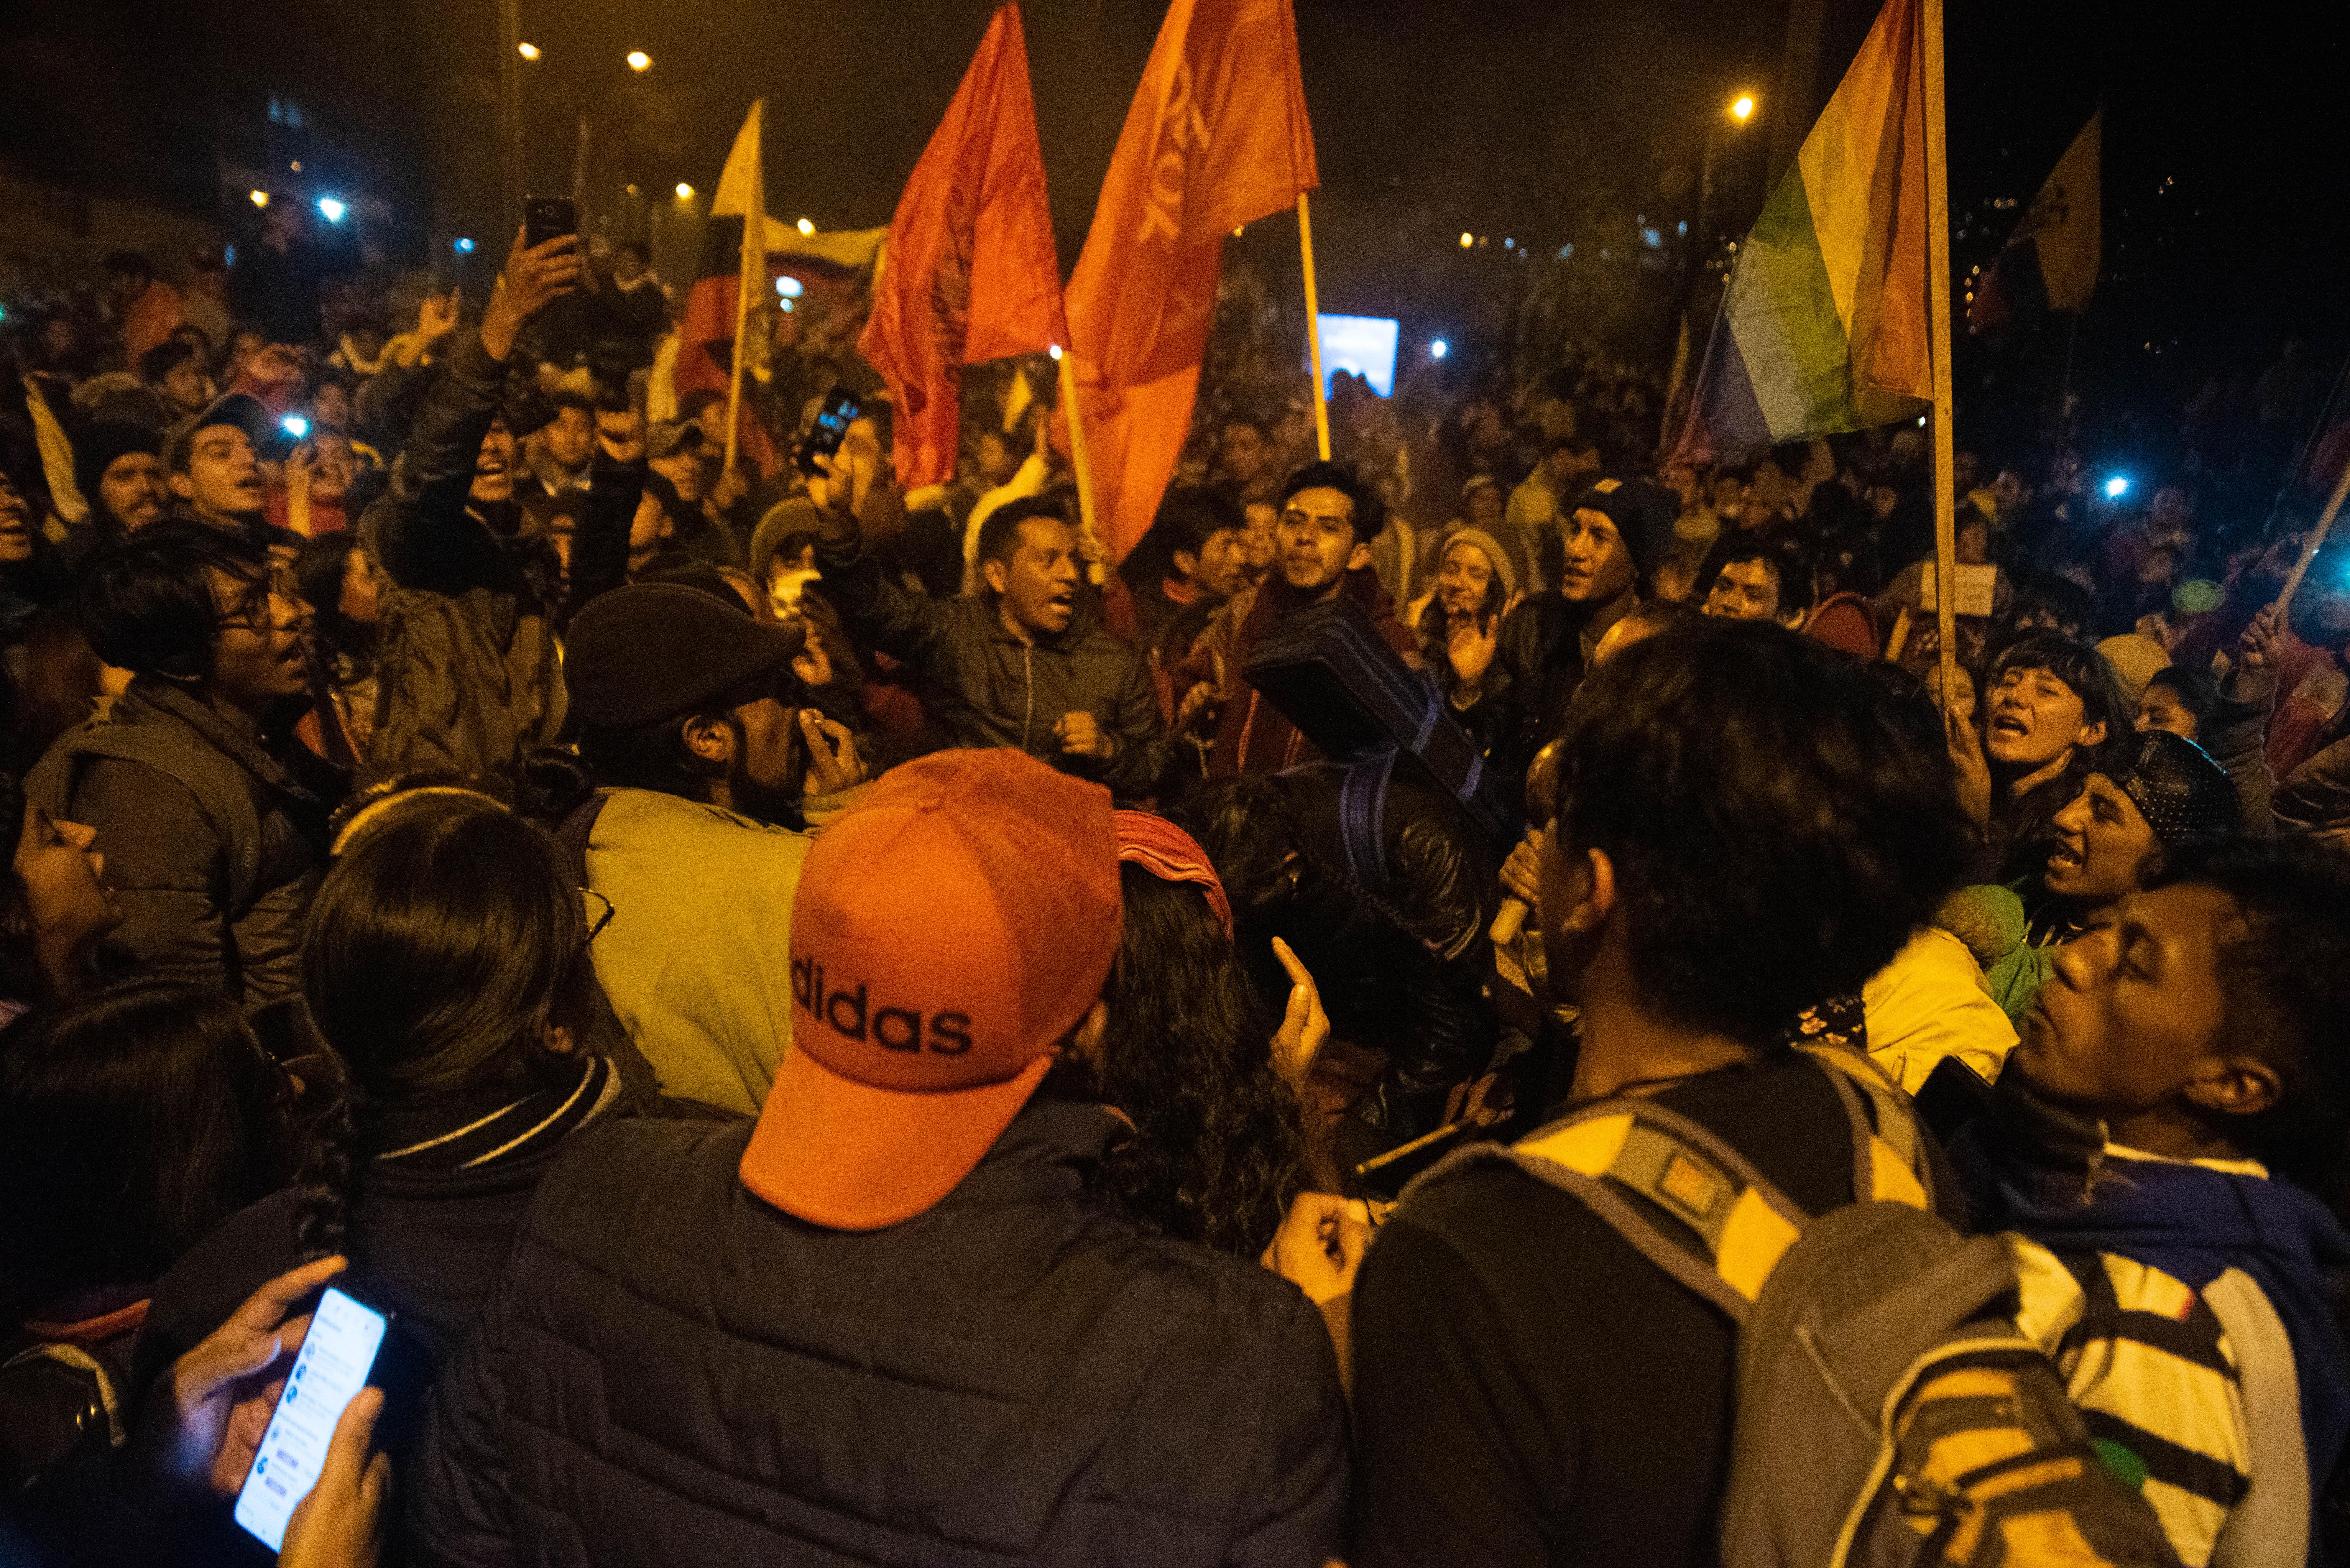 Miles de manifestantes festejaron anoche con banderas que apoyaban a todo tipo de movimientos sociales